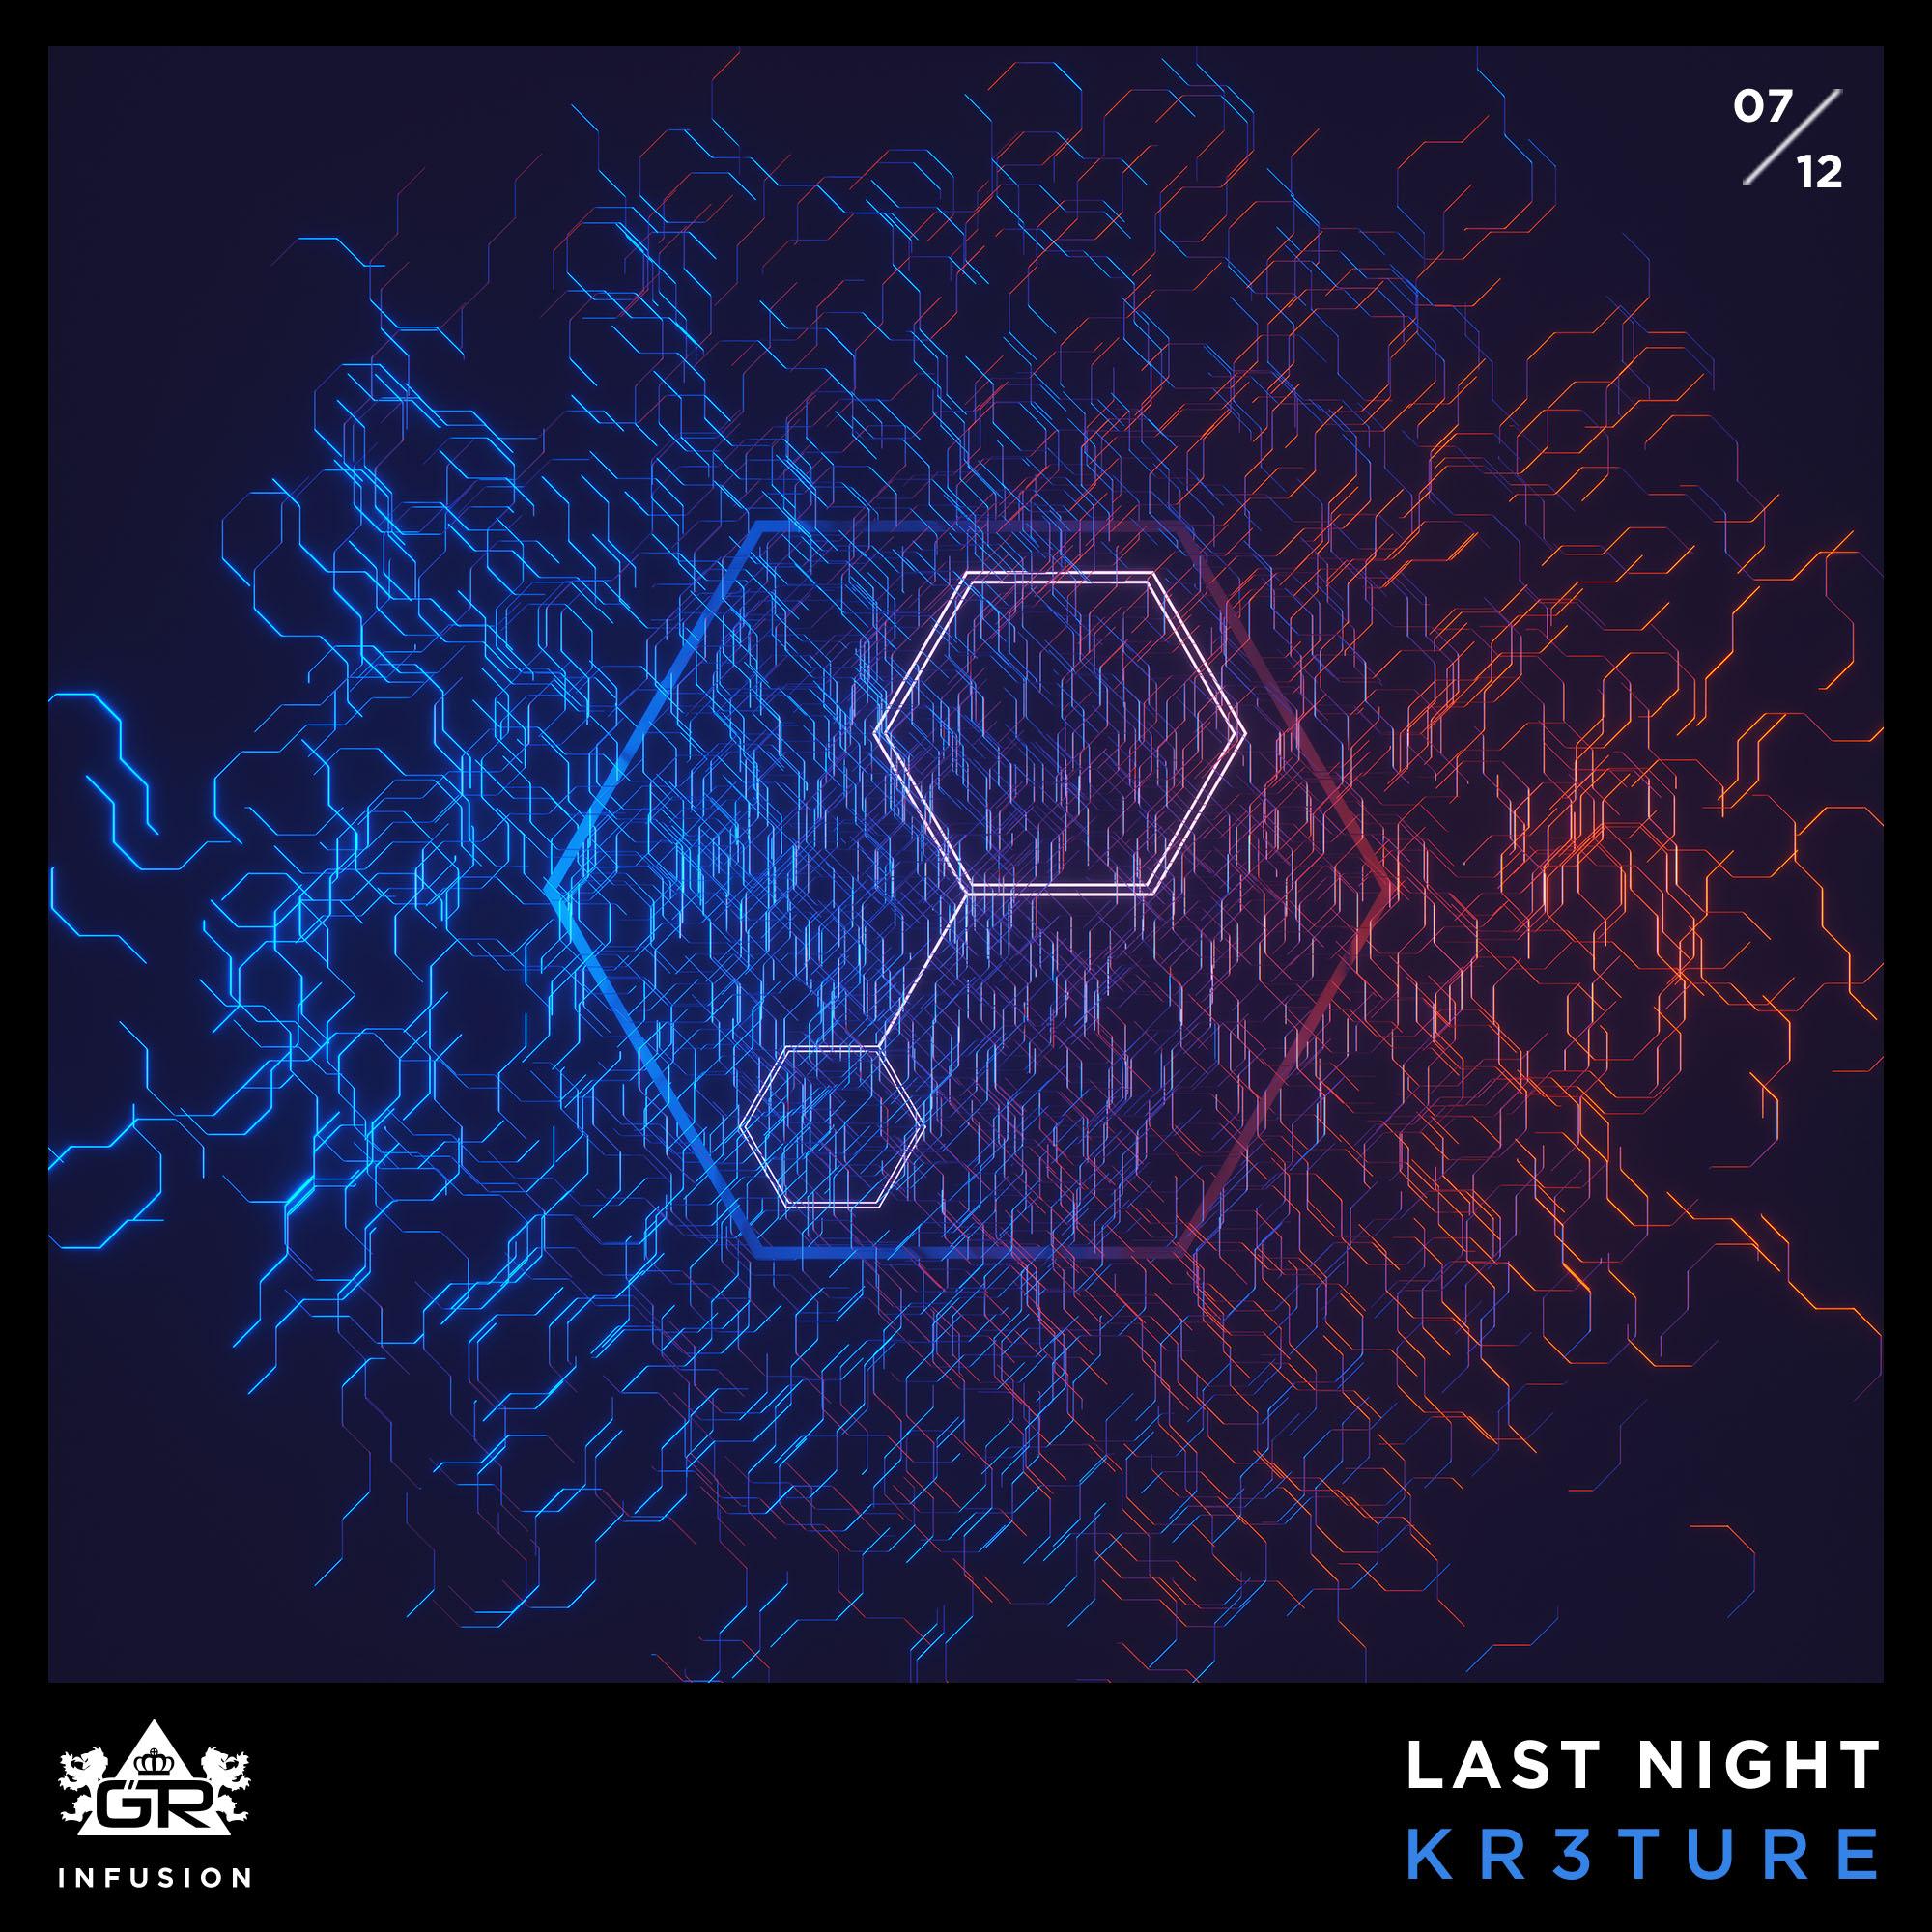 Kr3ture - Last Night Track Stems - Gravitas Create